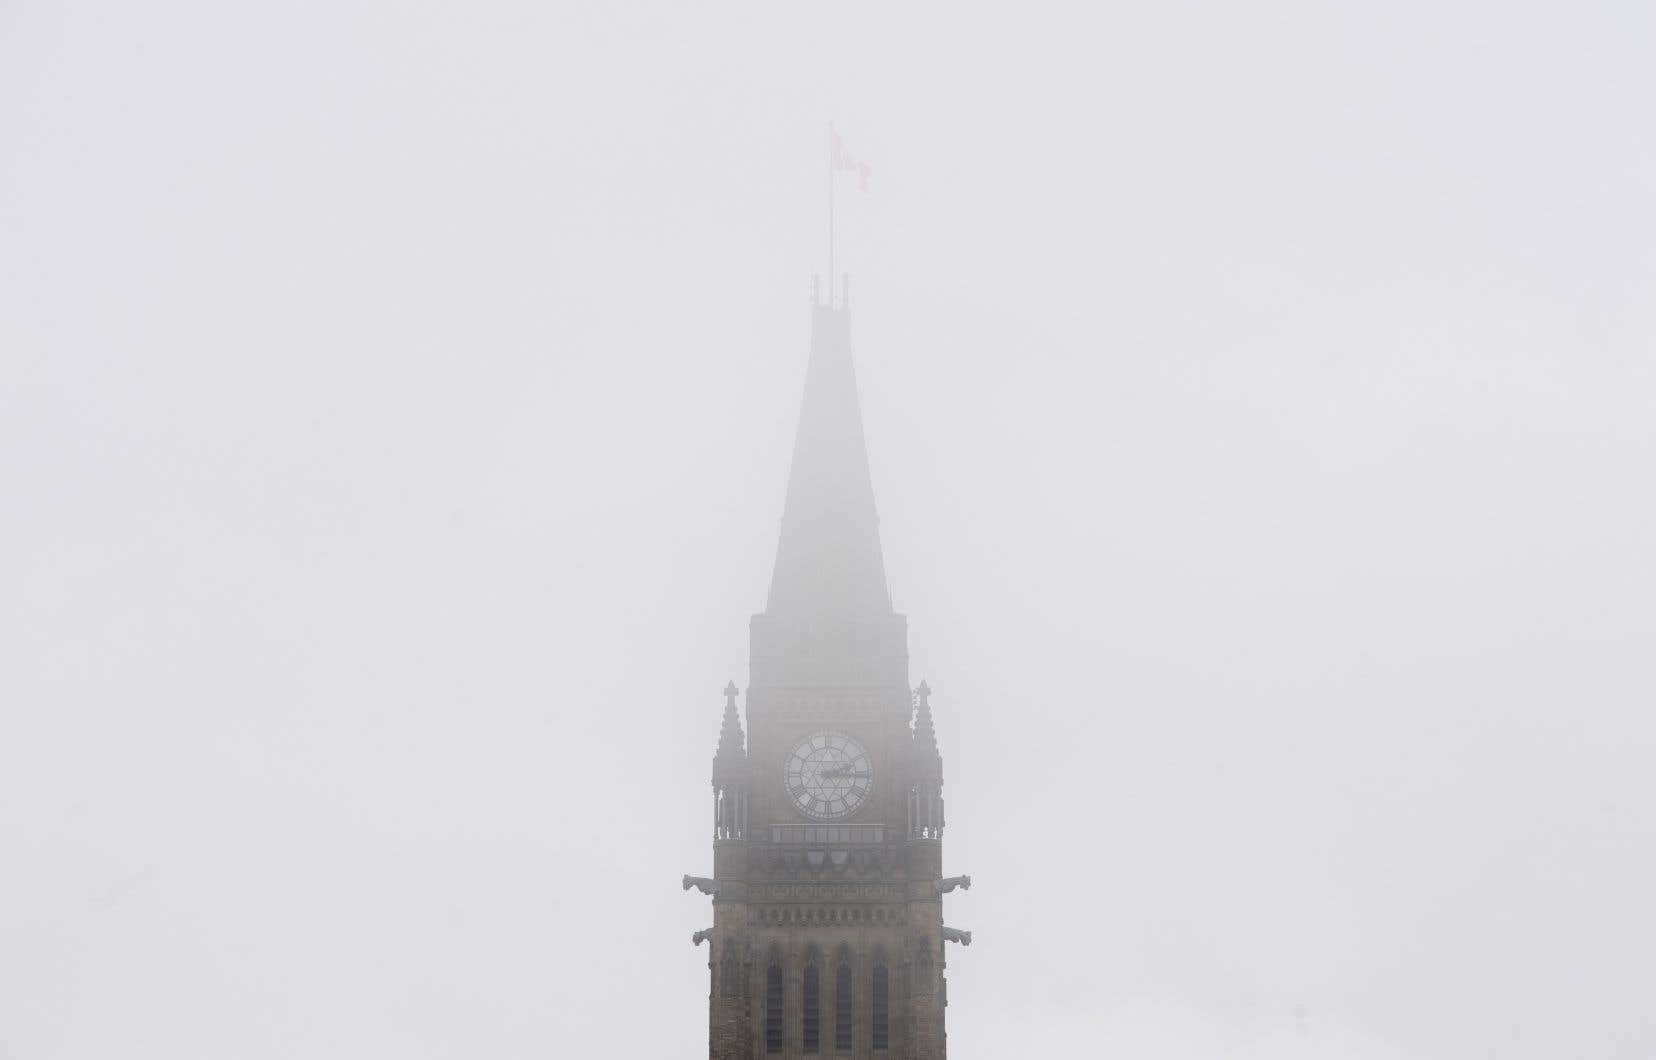 Les gouvernements minoritaires sont-ils désormais la règle pour le Parti libéral et le Parti conservateur, qui s'échangent le pouvoir depuis 157ans au Canada?